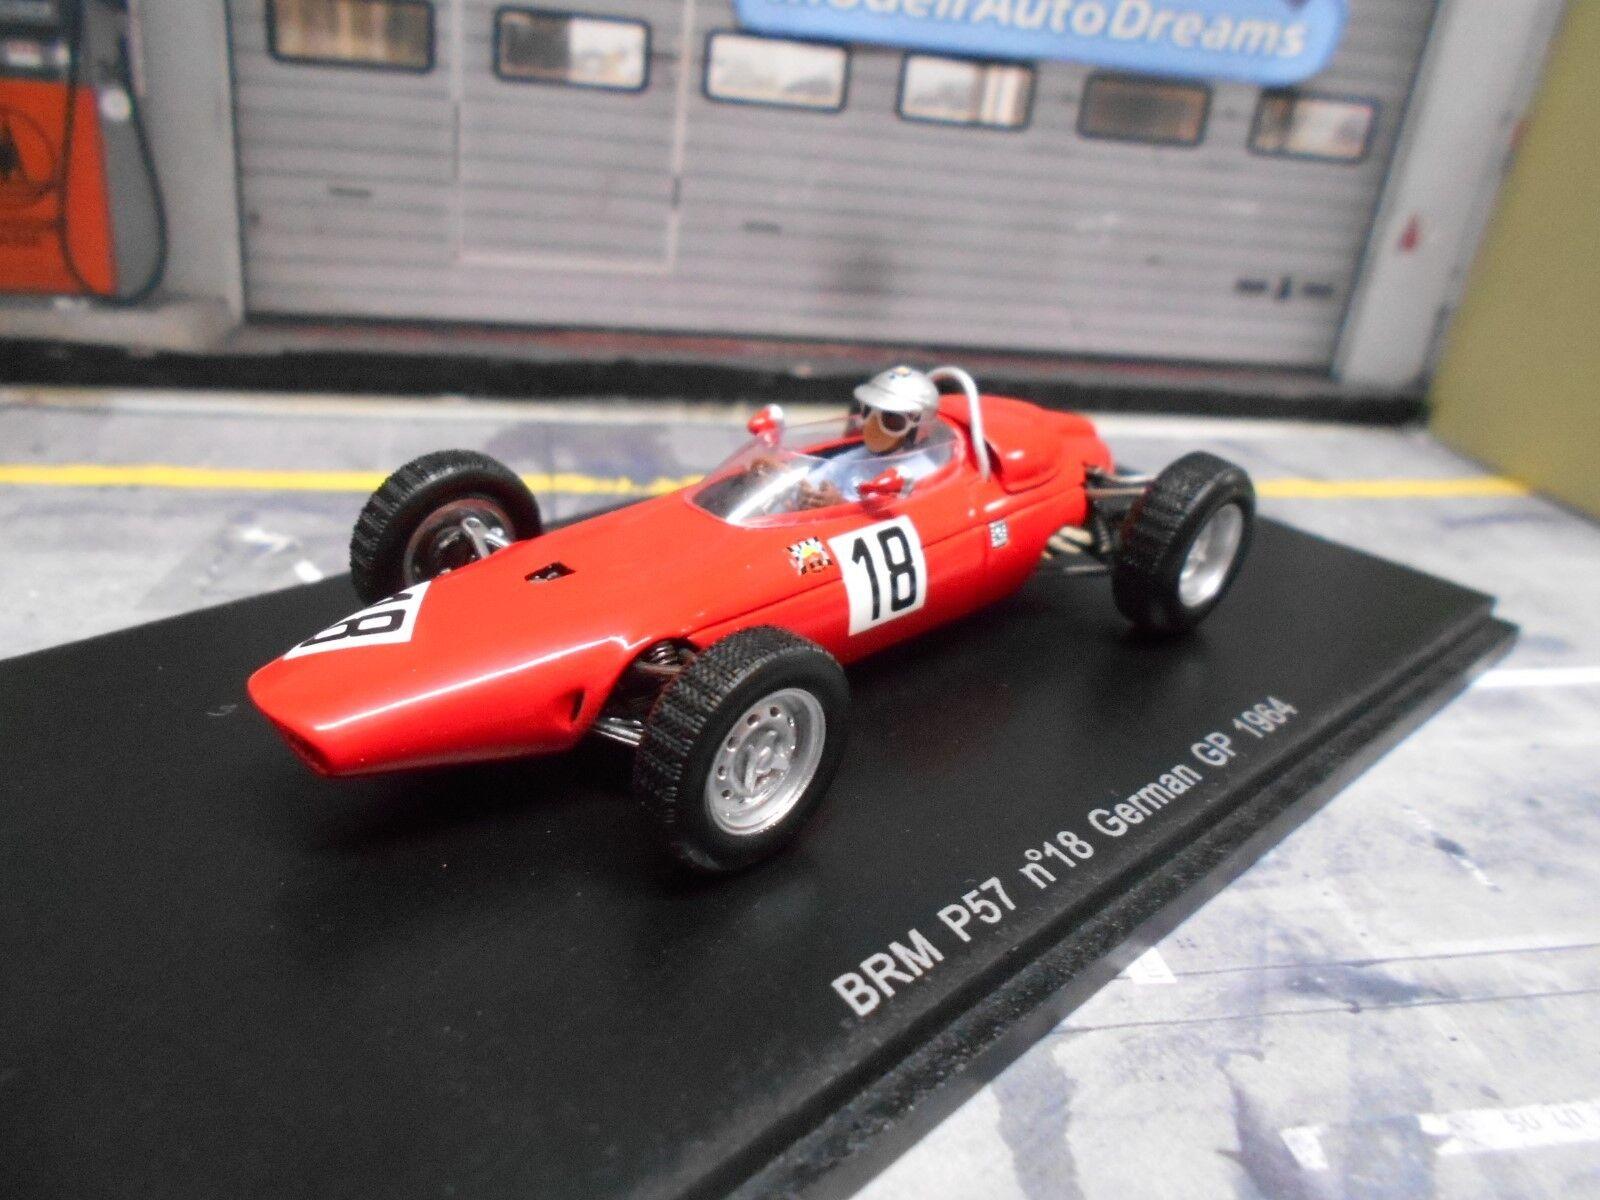 marca en liquidación de venta F1 BRM p57 German Alemania gp 1964 1964 1964  8 Baghetti precio especial Spark 1.43  bienvenido a elegir